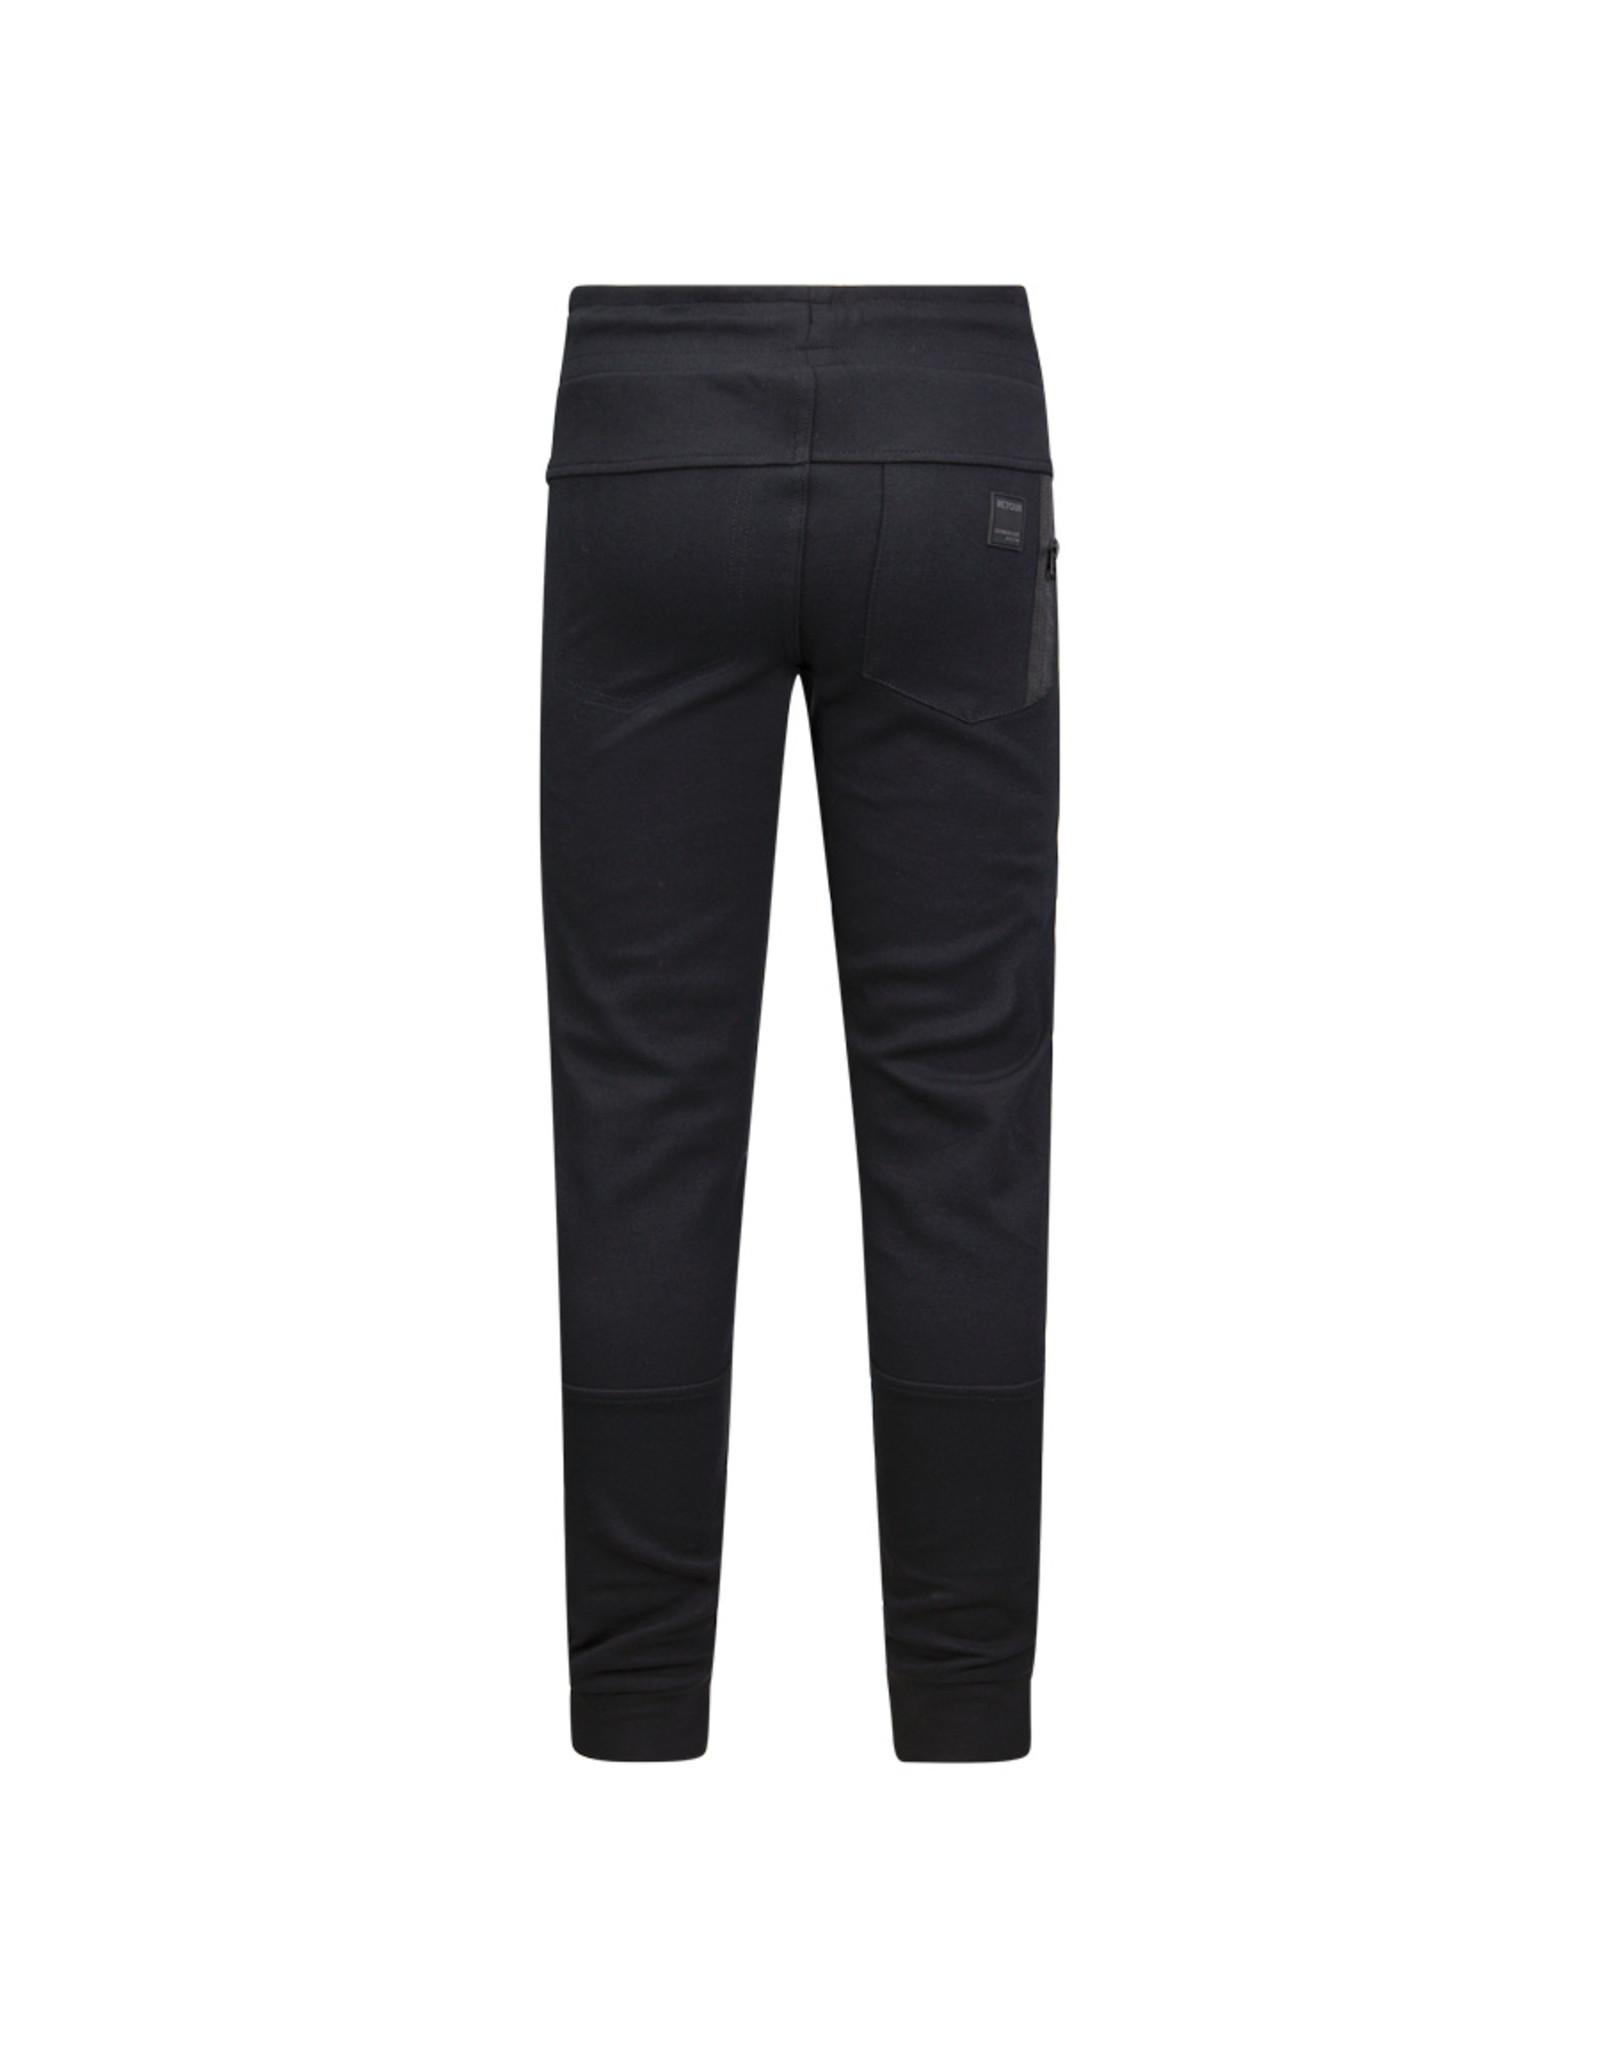 Retour Jeans Valentijn black 1